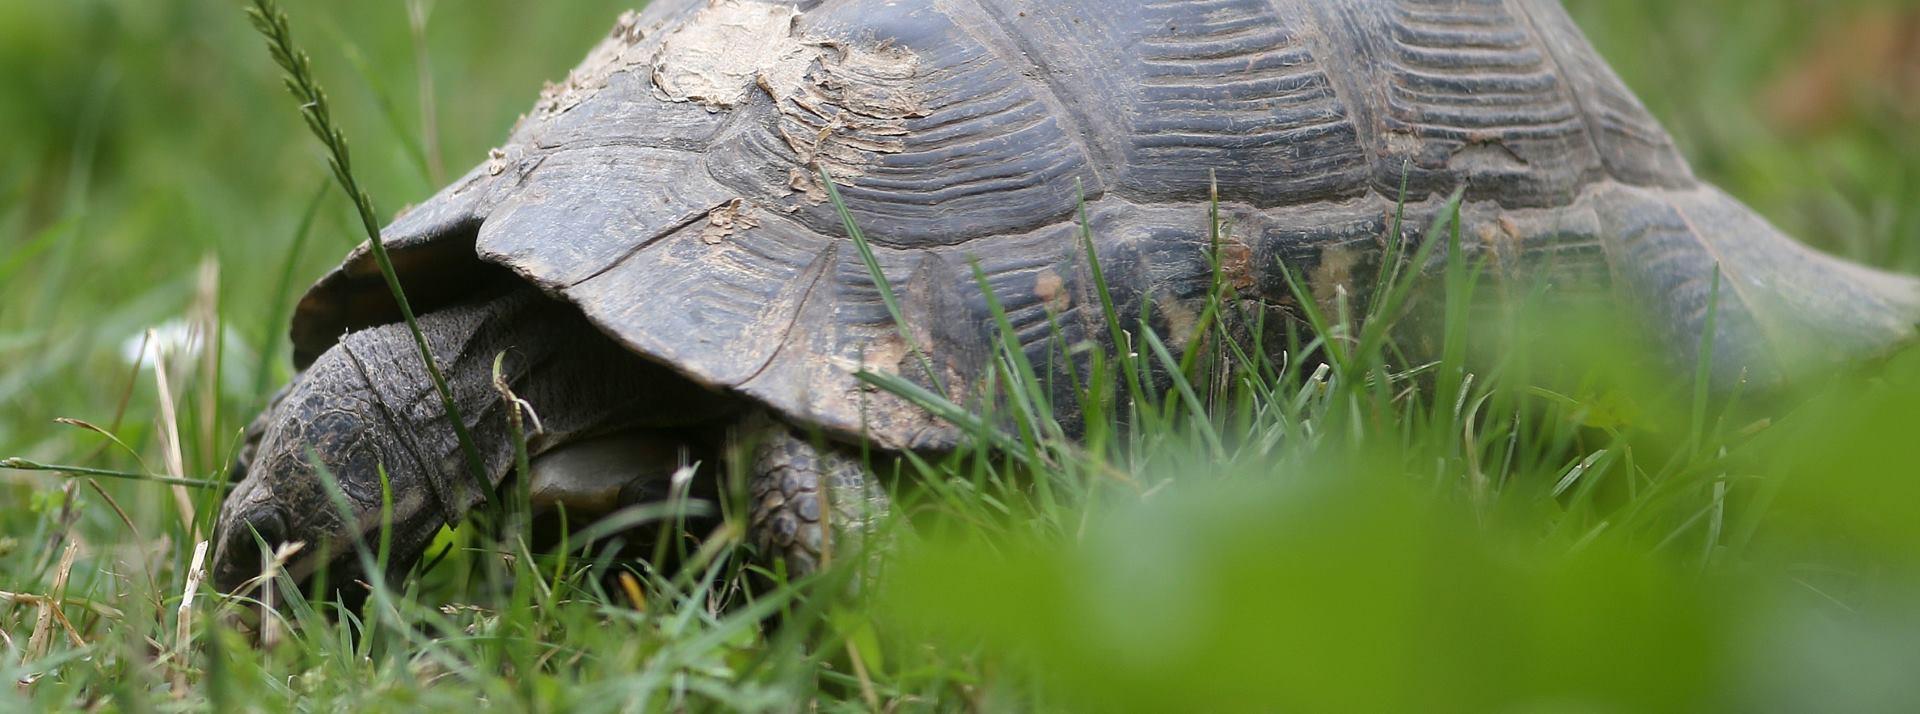 VIDEO: Najstariji pronađeni fosilni ostatak kornjače potječe iz perioda krede